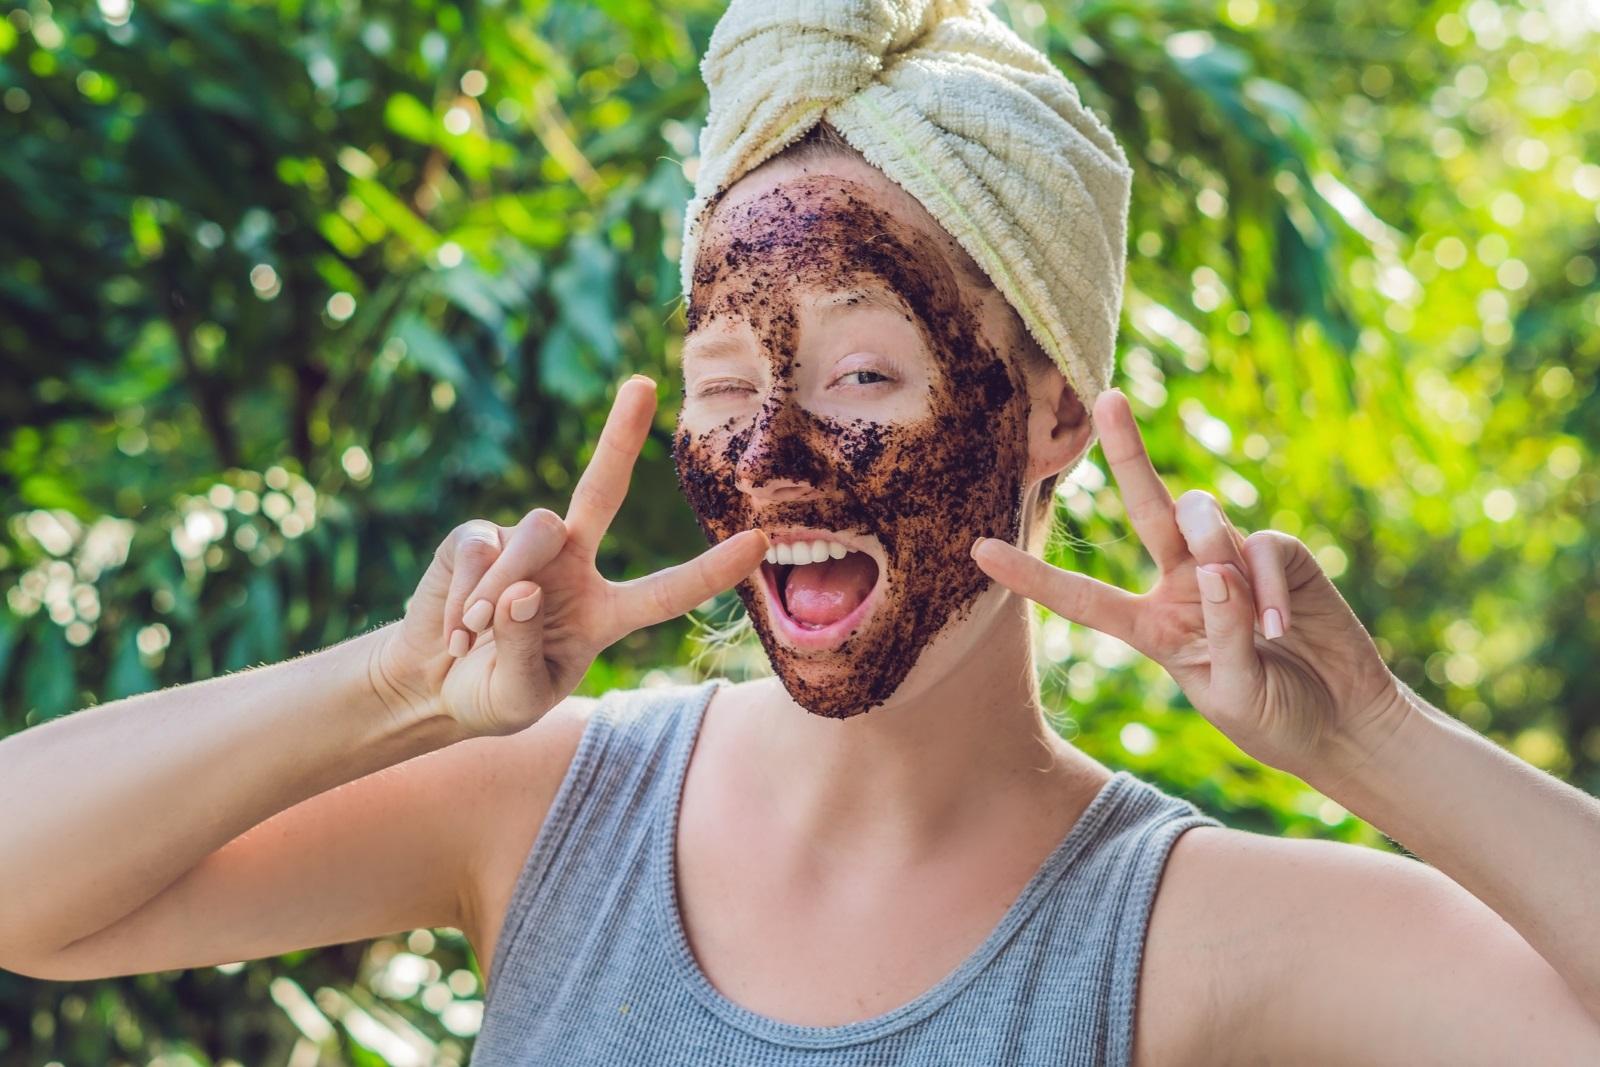 Маска за лице<br /> За бляскава кожа може да си направите страхотна маска, която включва 2 с.л. кисело мляко и 1 с.л. кафе.